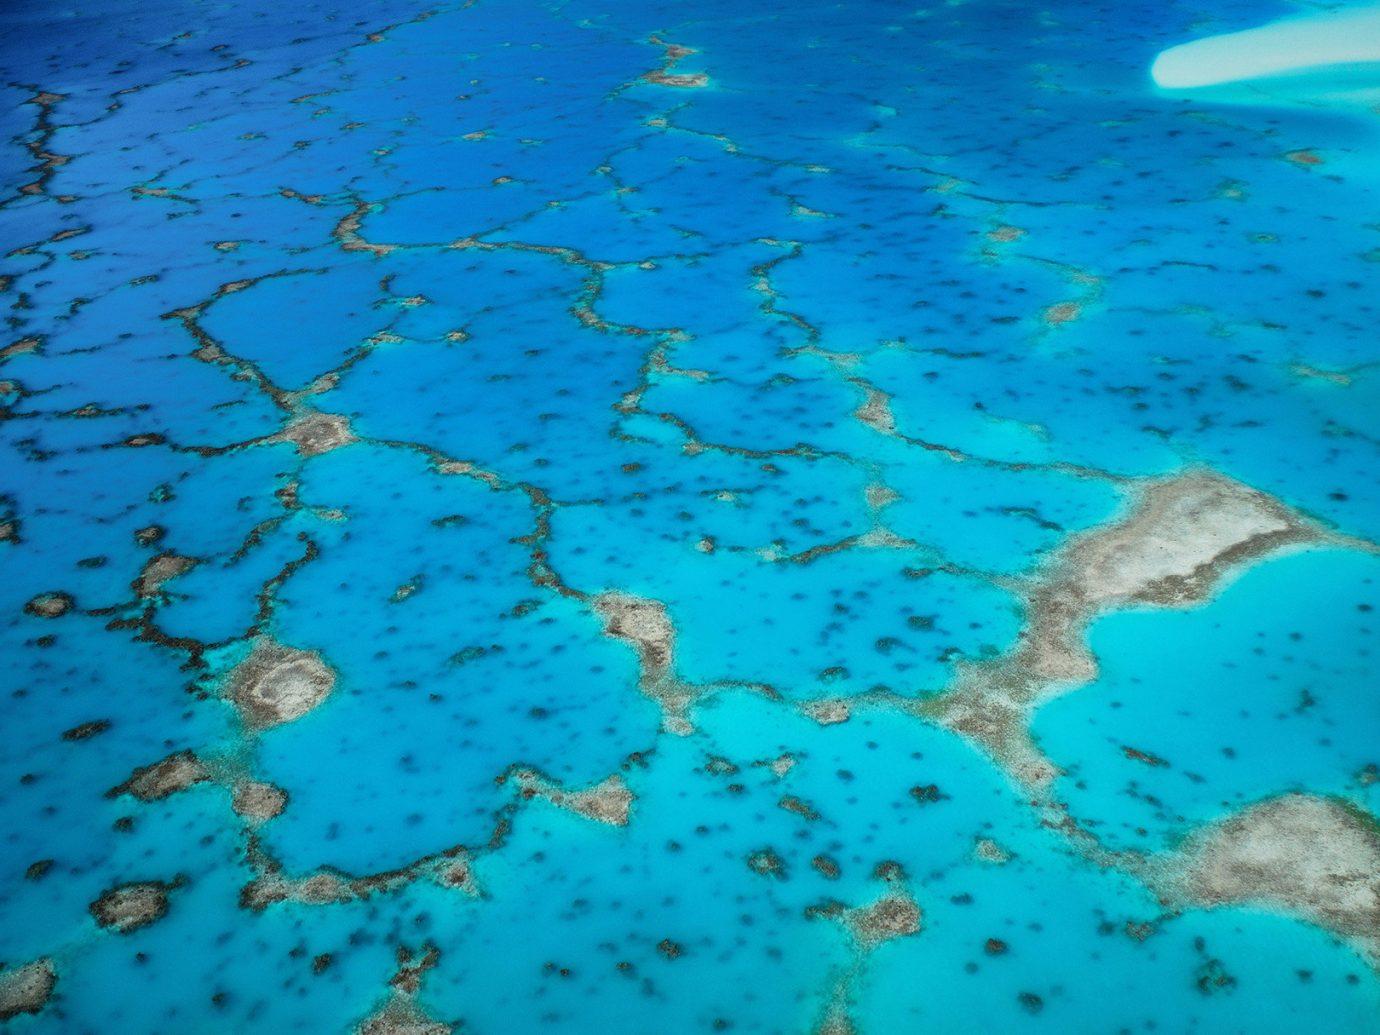 Islands Trip Ideas water reef marine biology coral reef biology underwater Sea Ocean coral fish coral reef fish shoal diving pond swimming